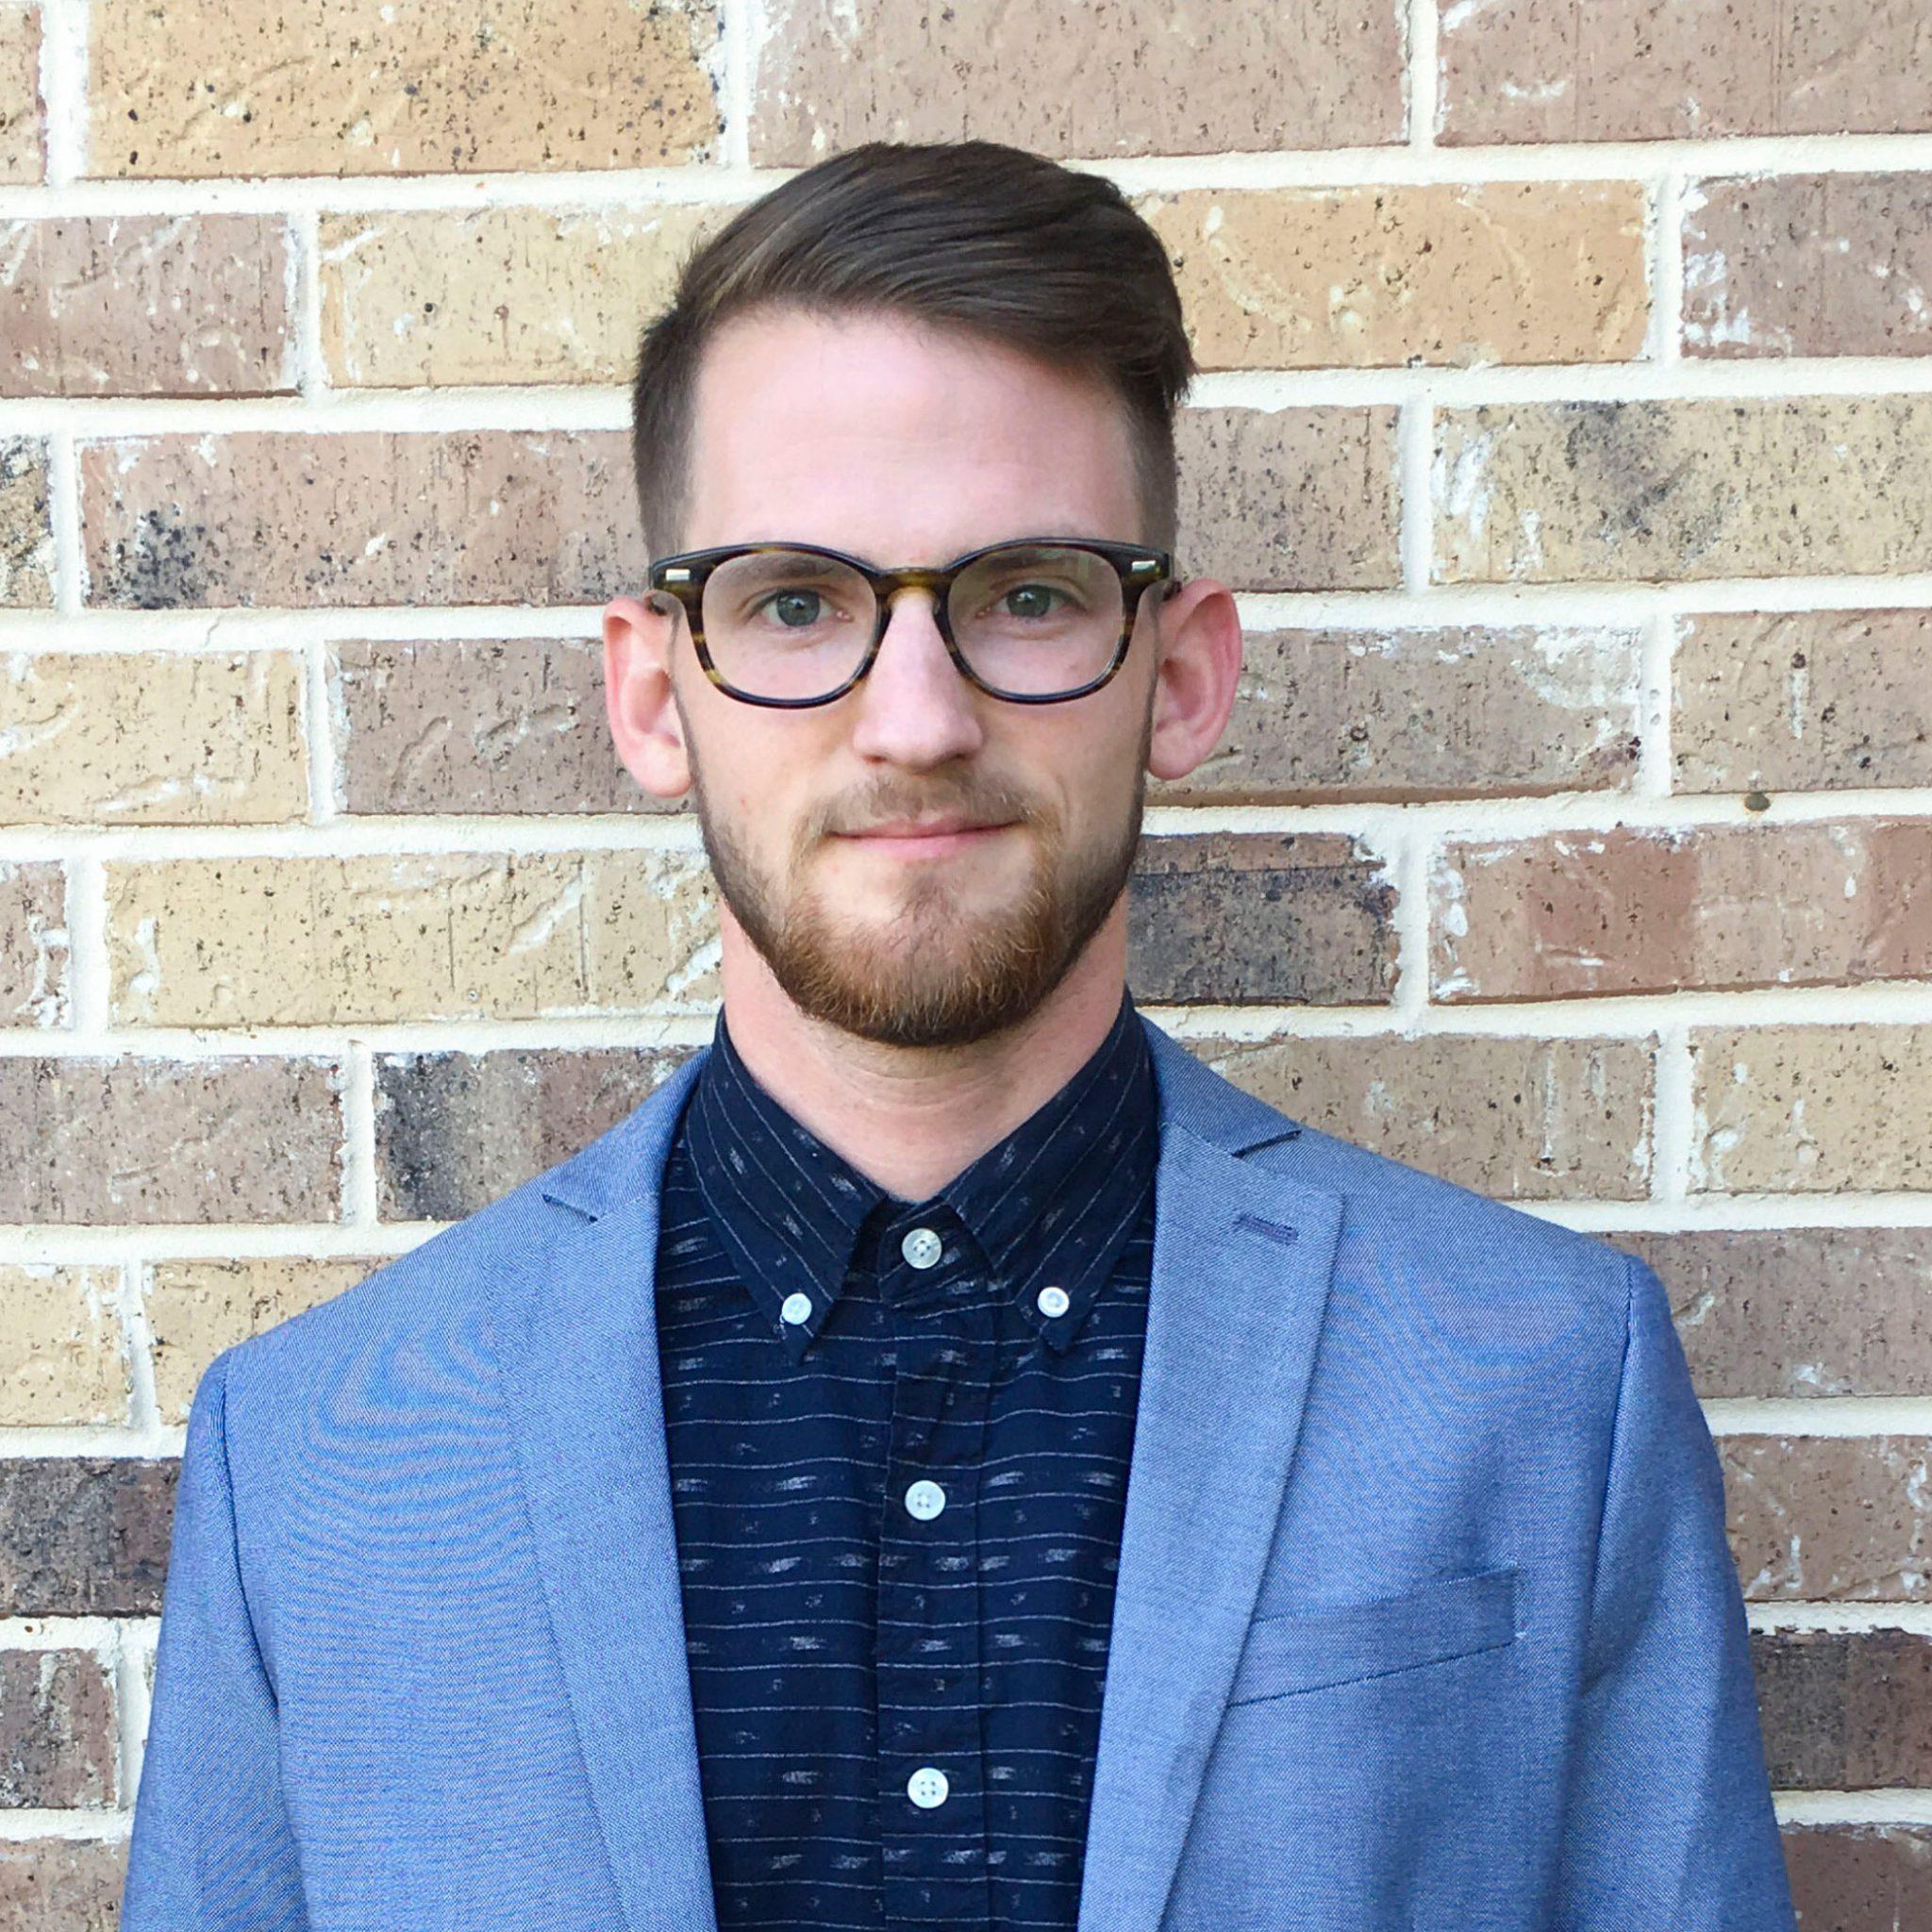 Dustin Herron